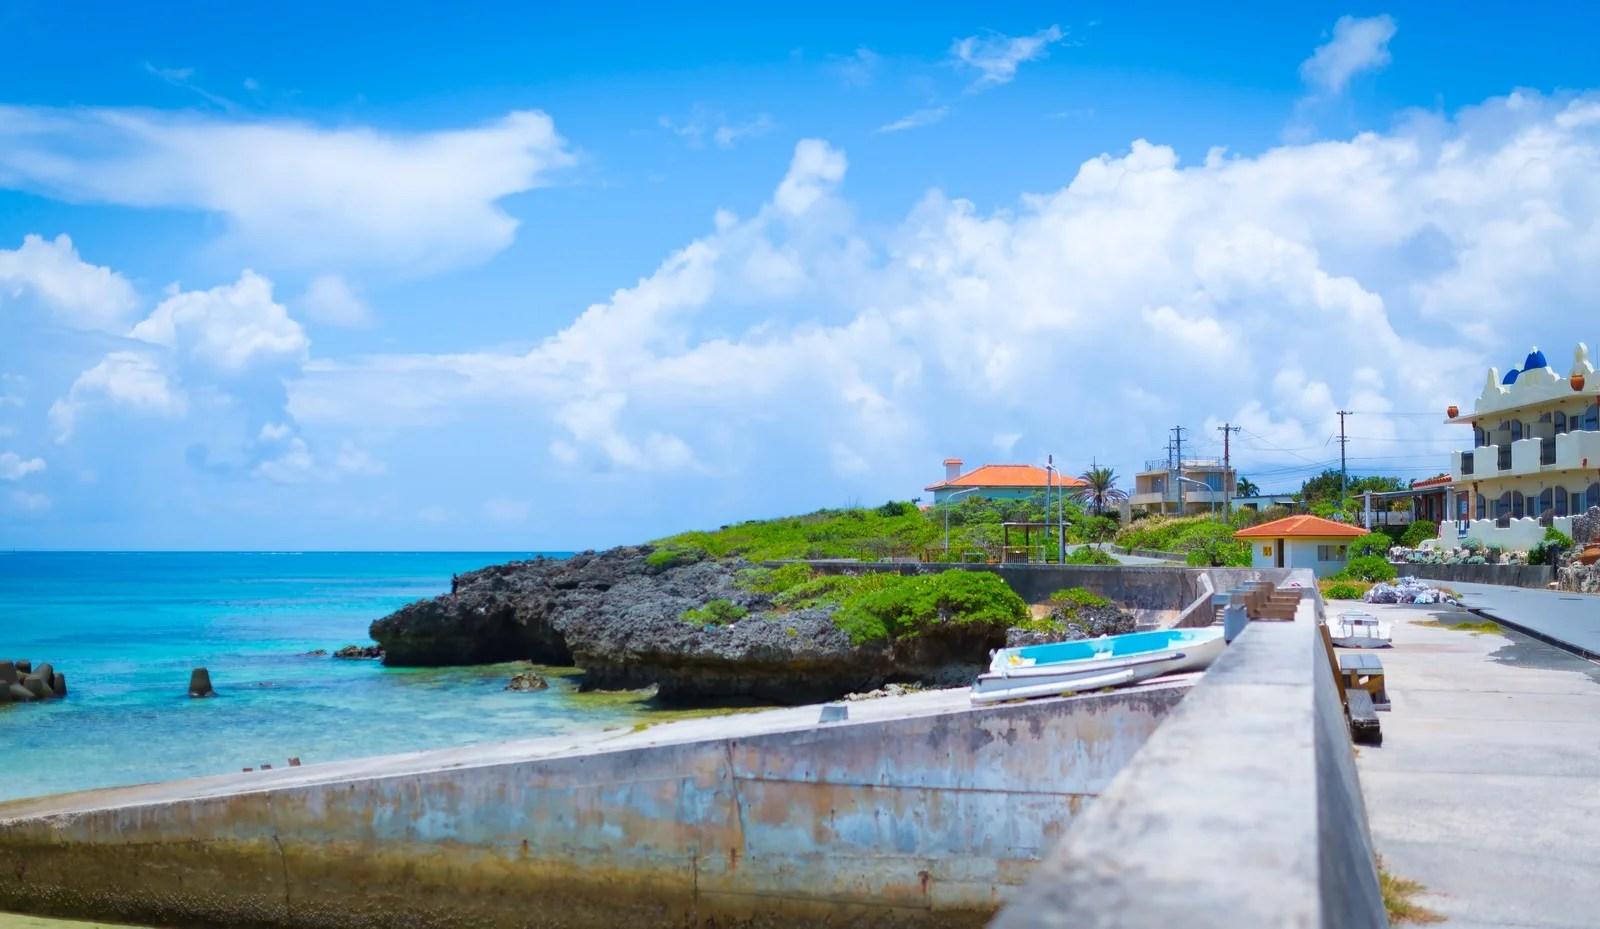 ルネッサンスリゾート沖縄予約 子連れ旅はるるぶからの予約が最安 2017年12月